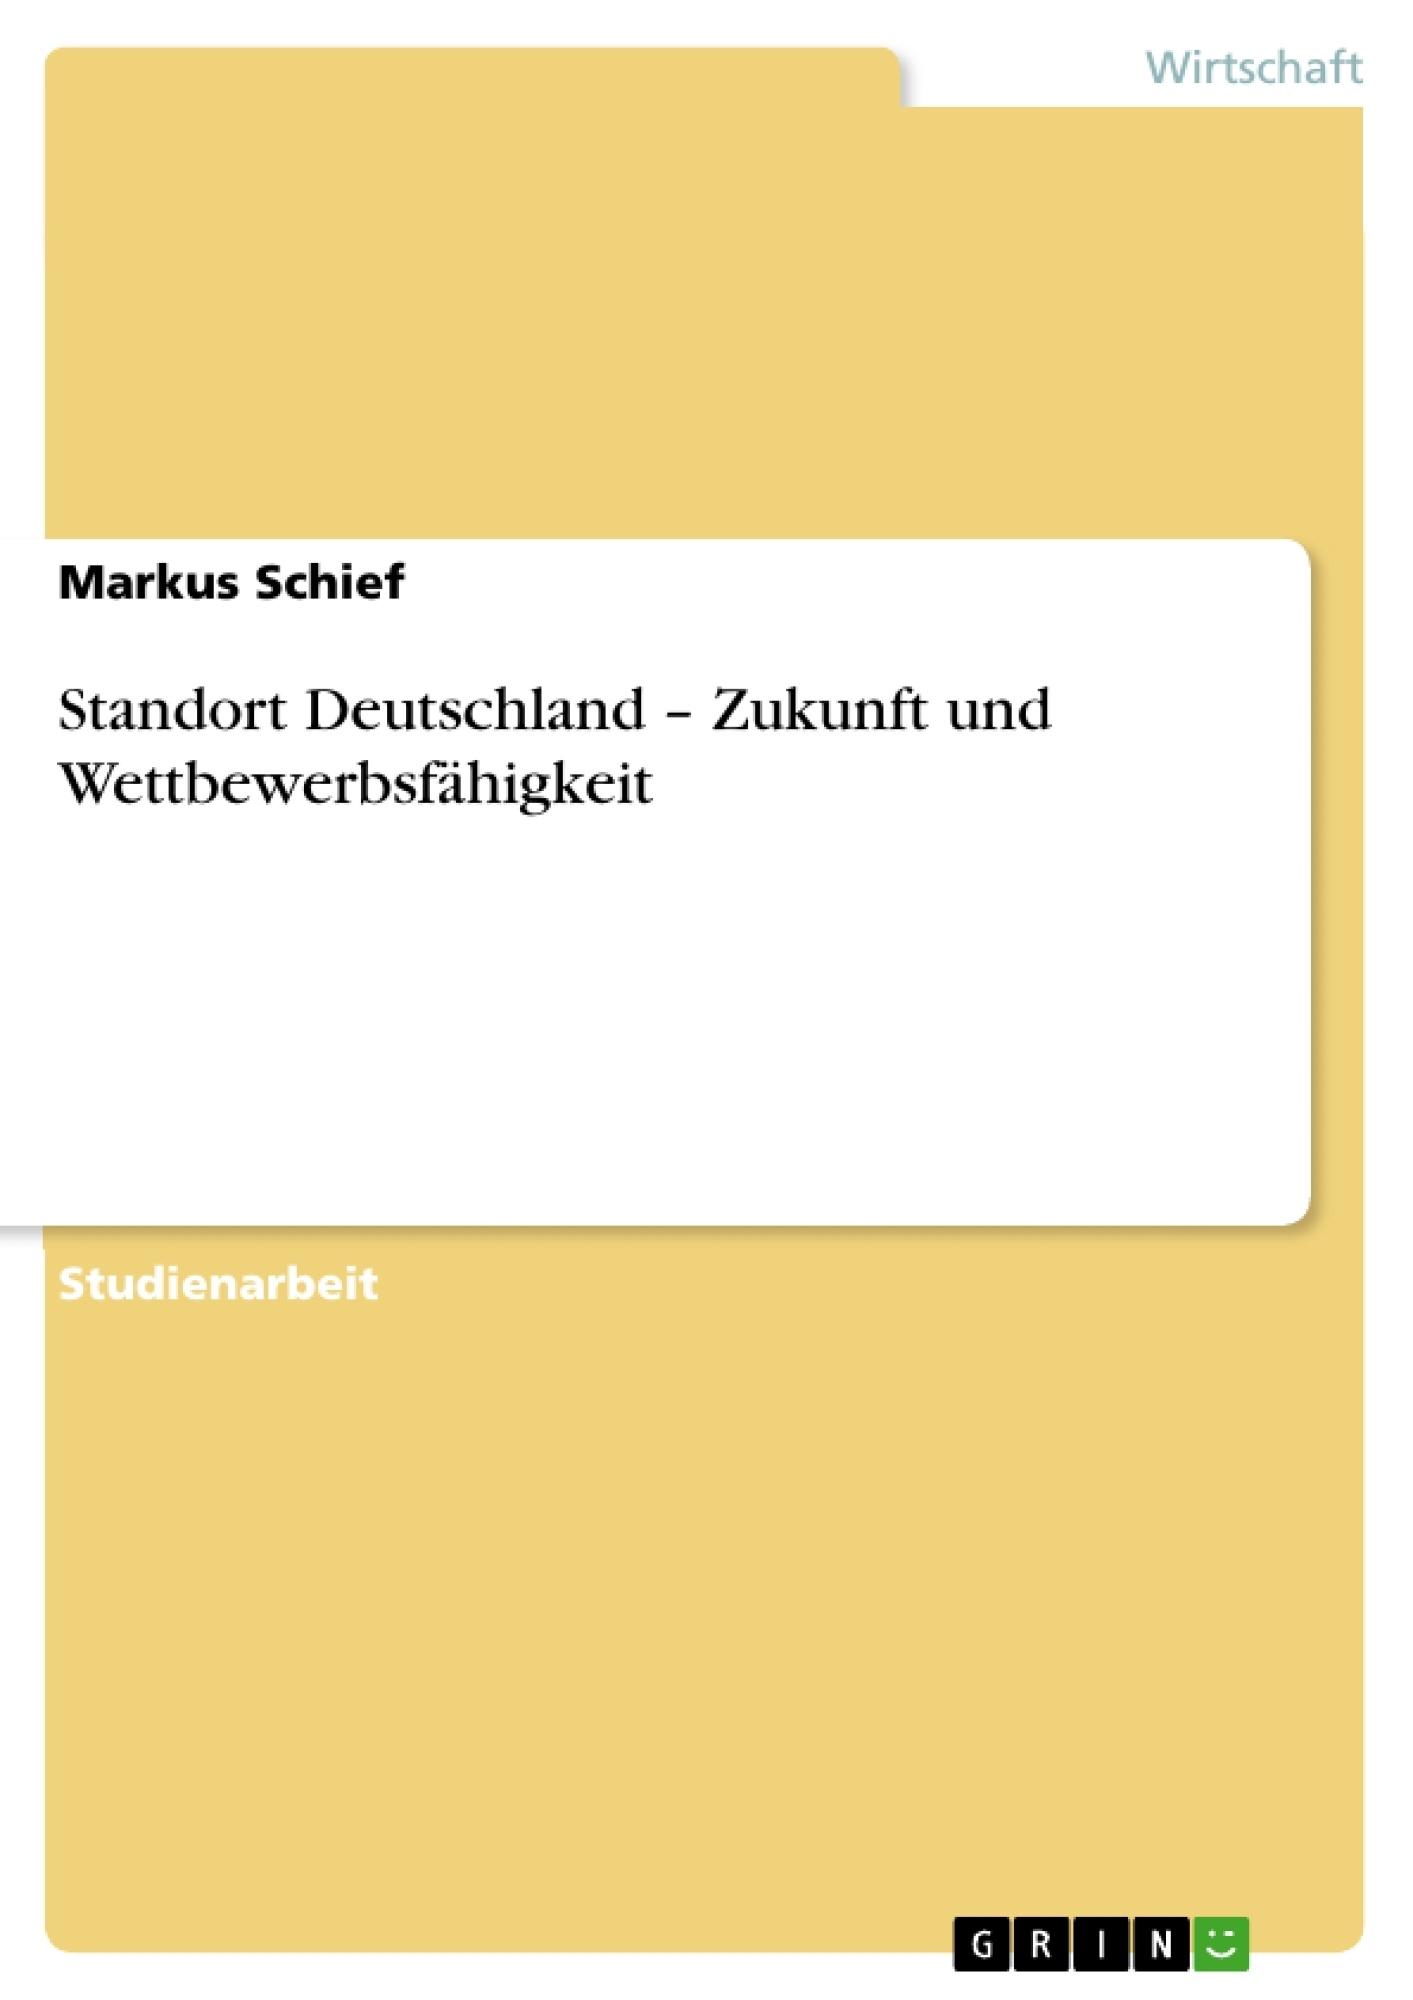 Titel: Standort Deutschland – Zukunft und Wettbewerbsfähigkeit